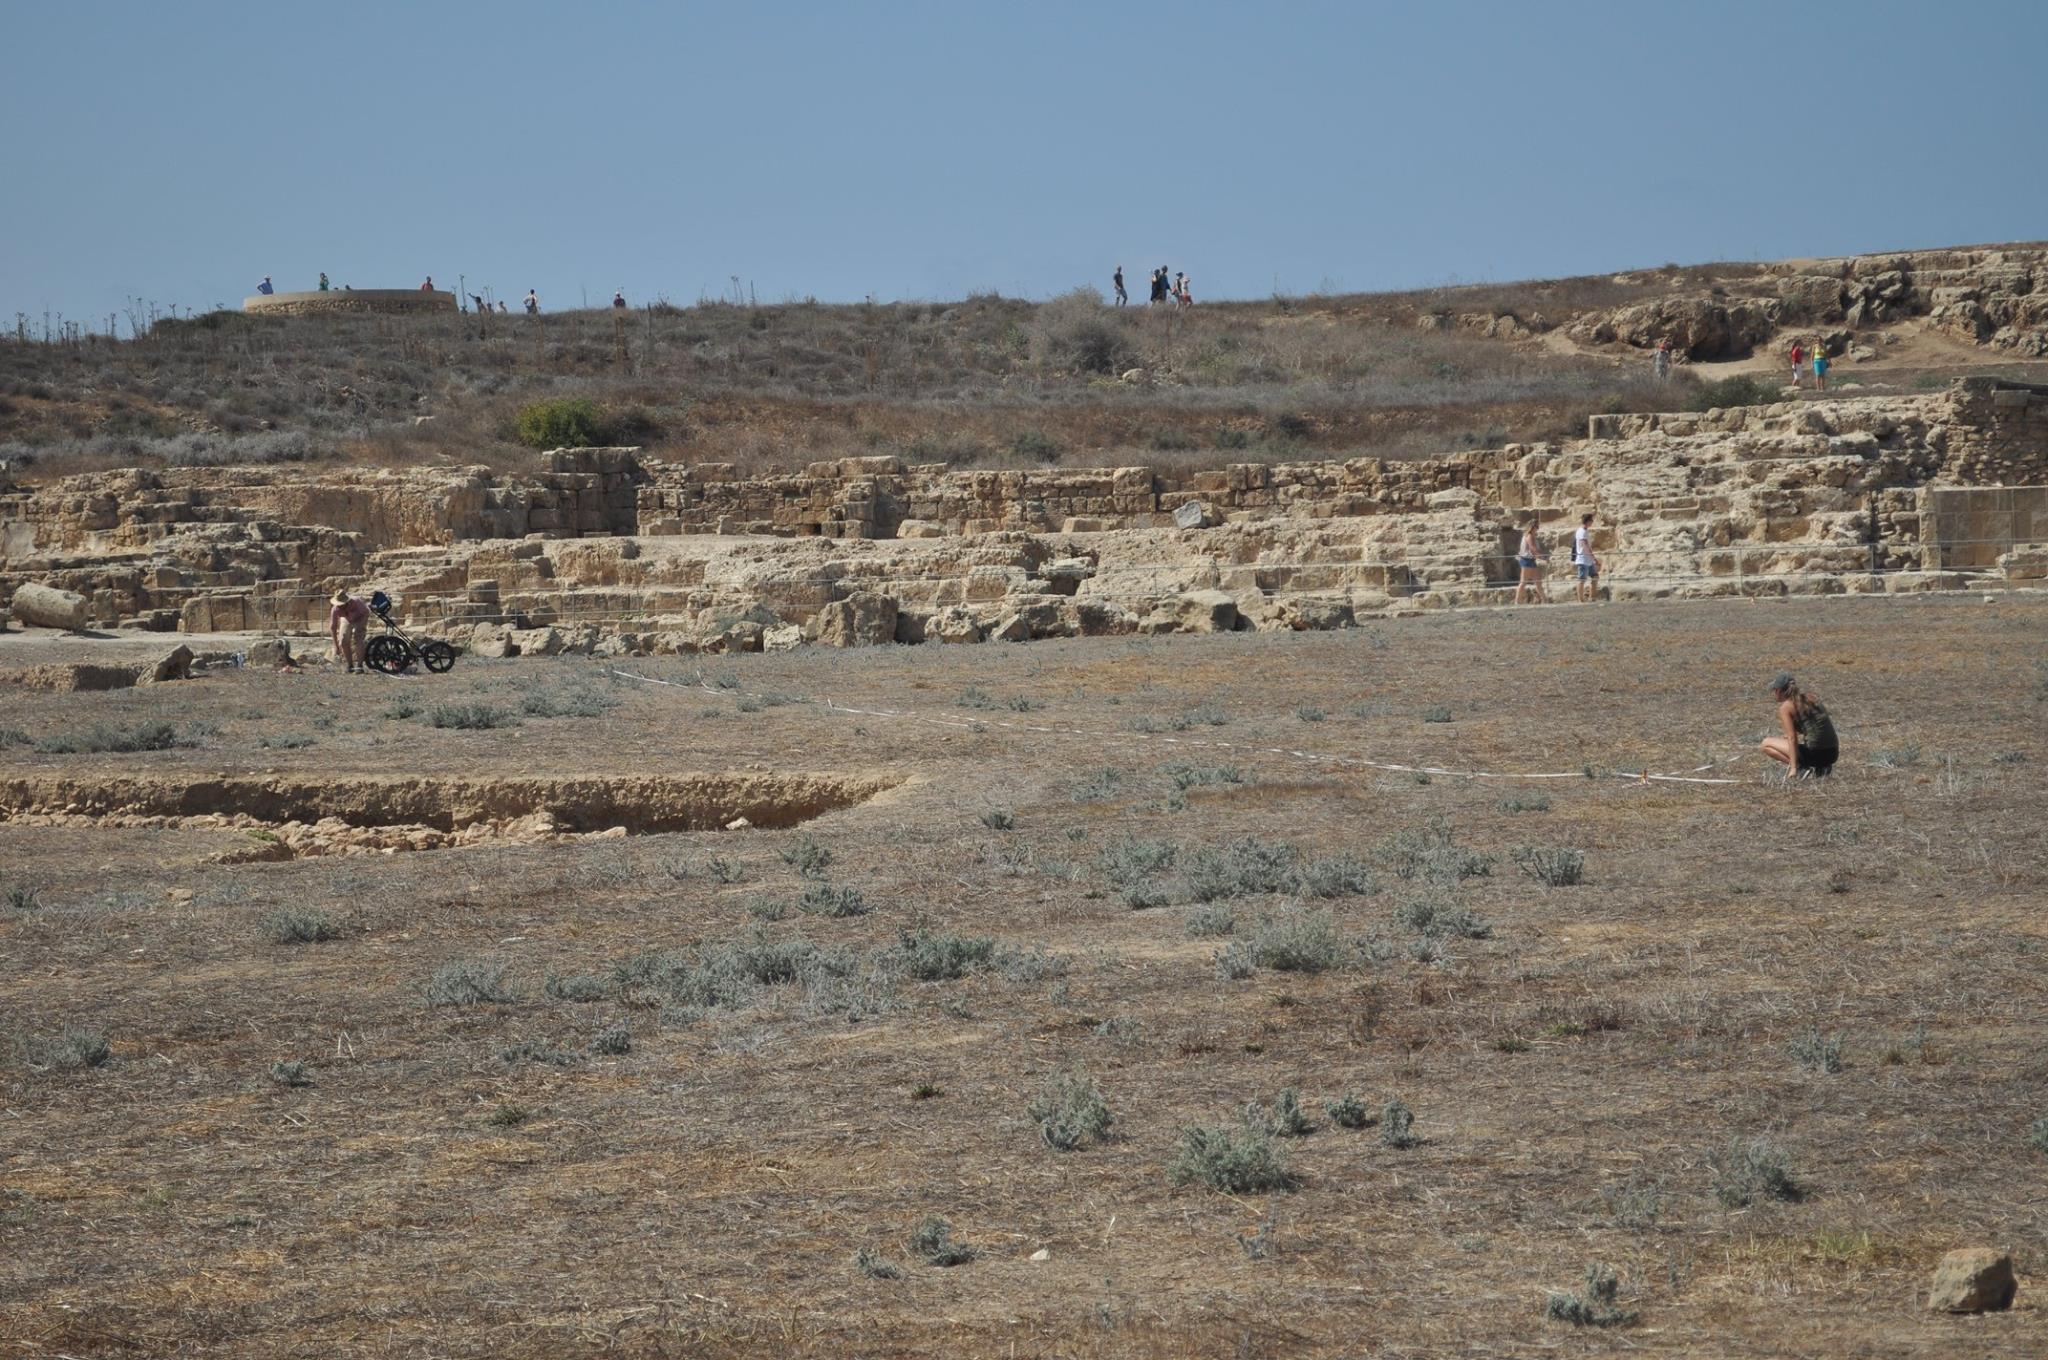 Krakowscy archeolodzy podsumowali ostatni sezon badań w starożytnej stolicy Cypru